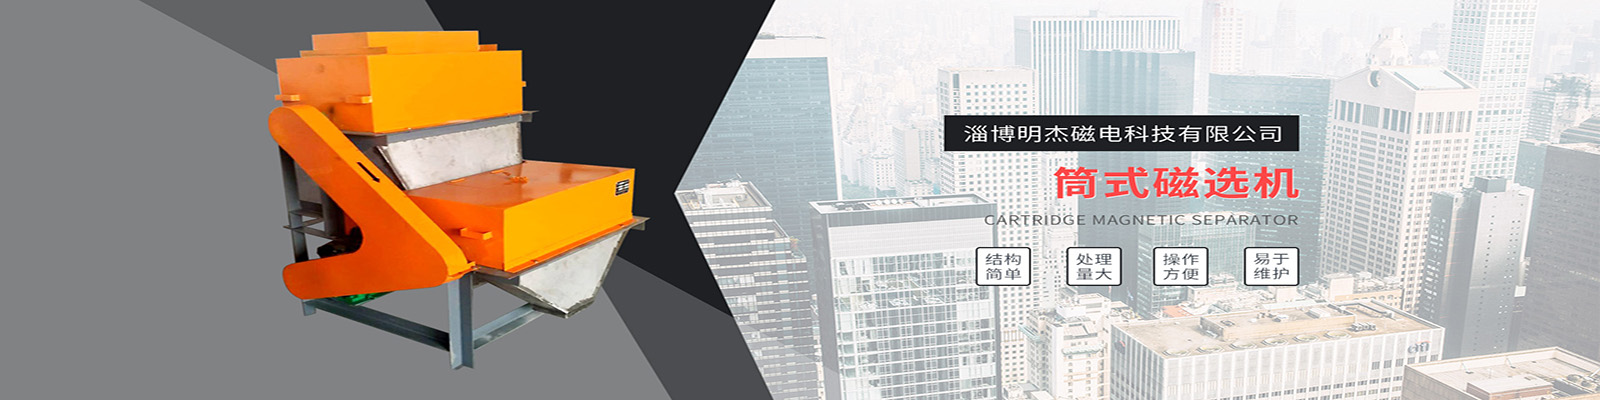 淄博明杰磁电科技有限公司